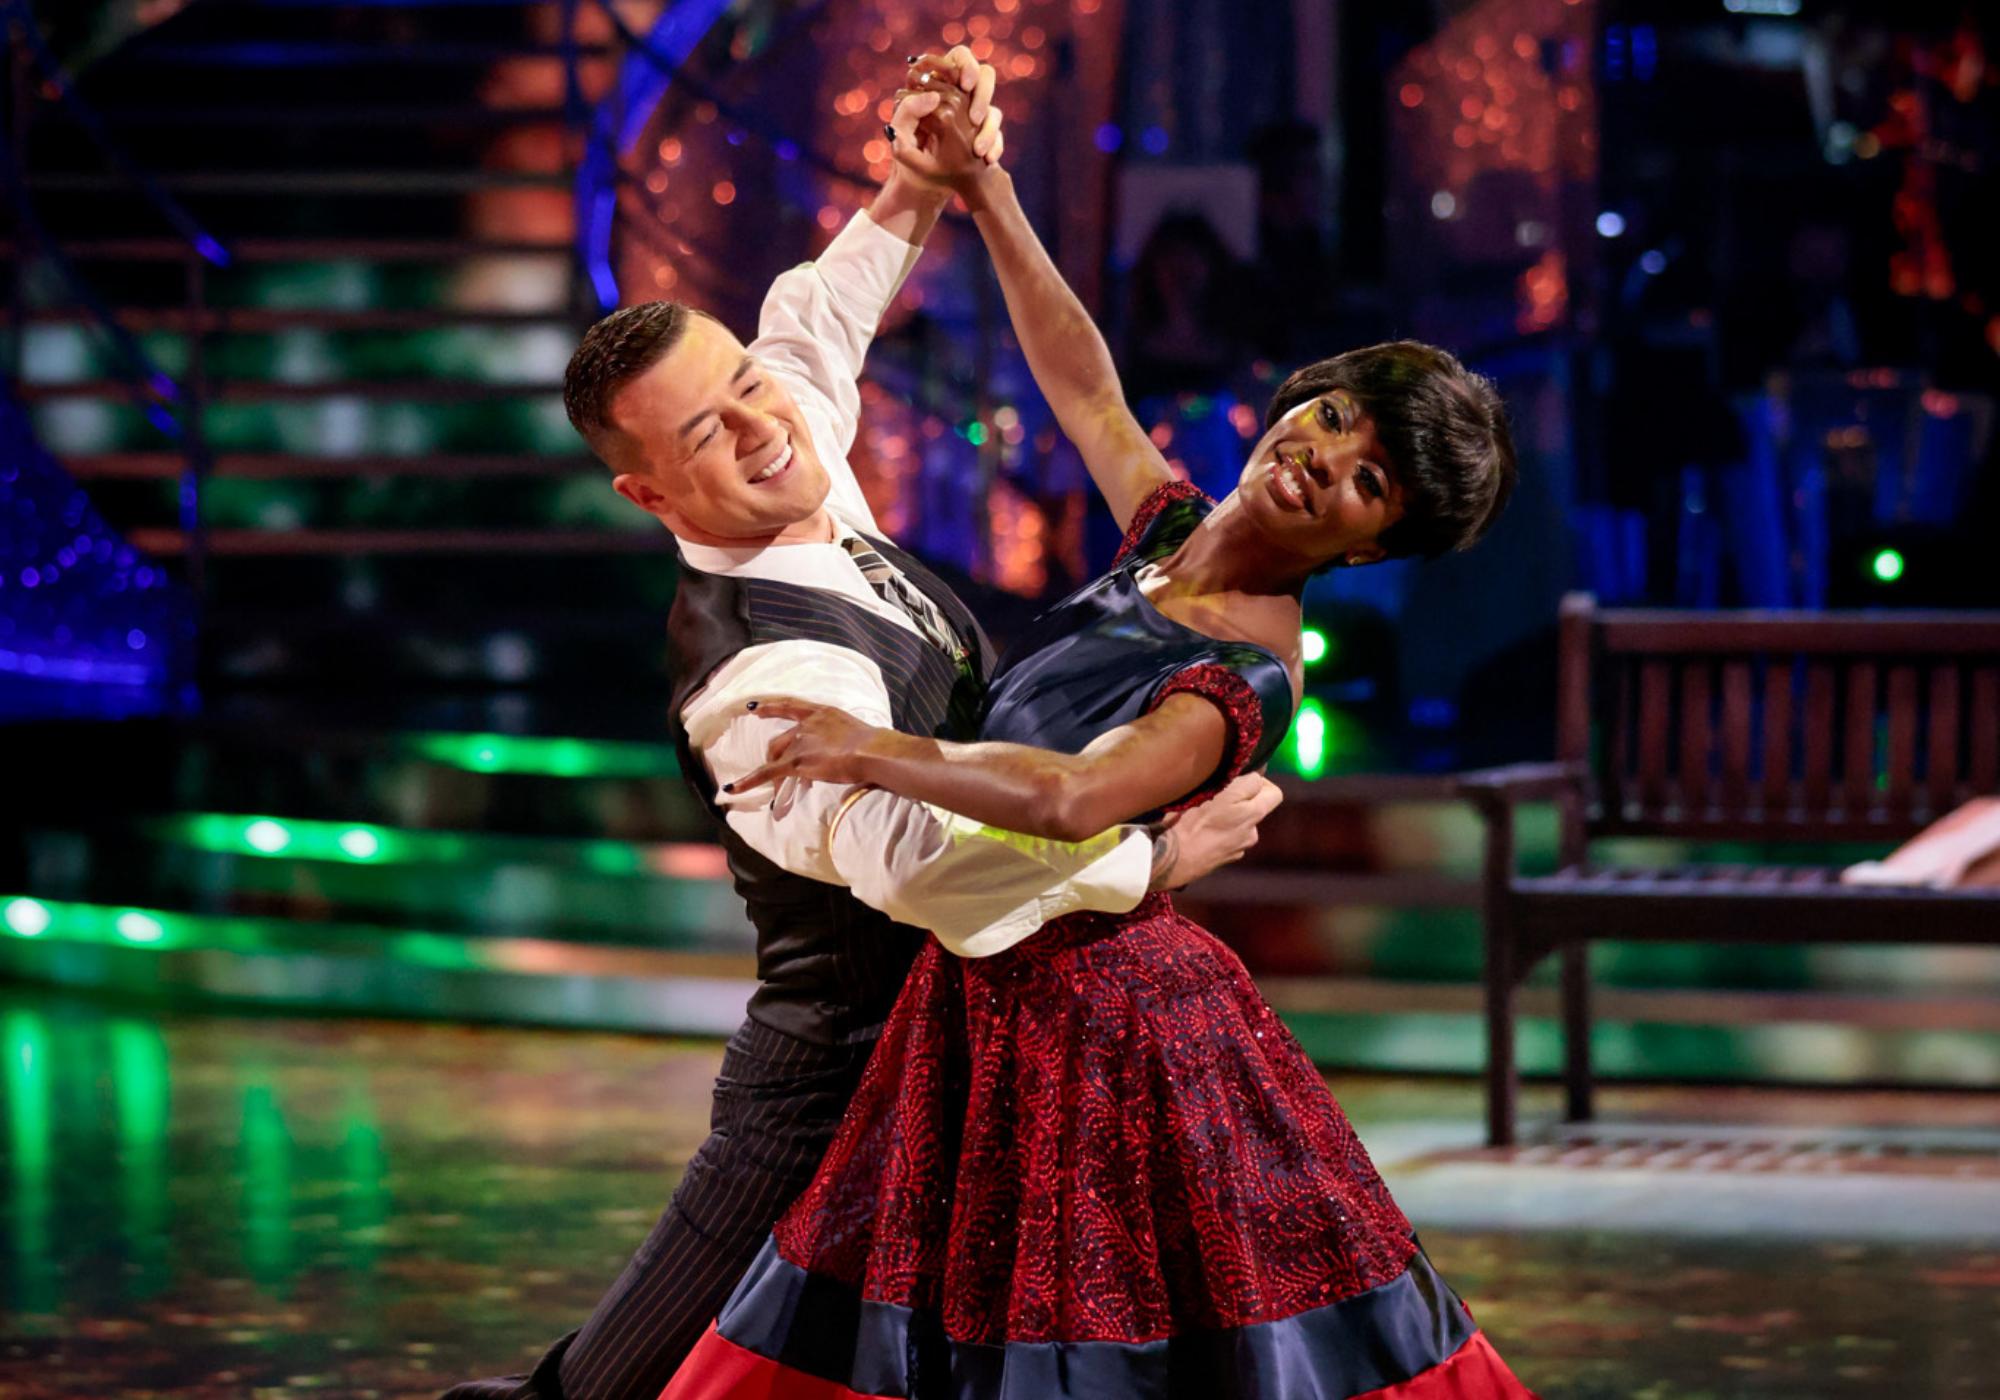 AJ Odudu kelahiran Blackburn memasuki minggu ketiga Strictly Come Dancing